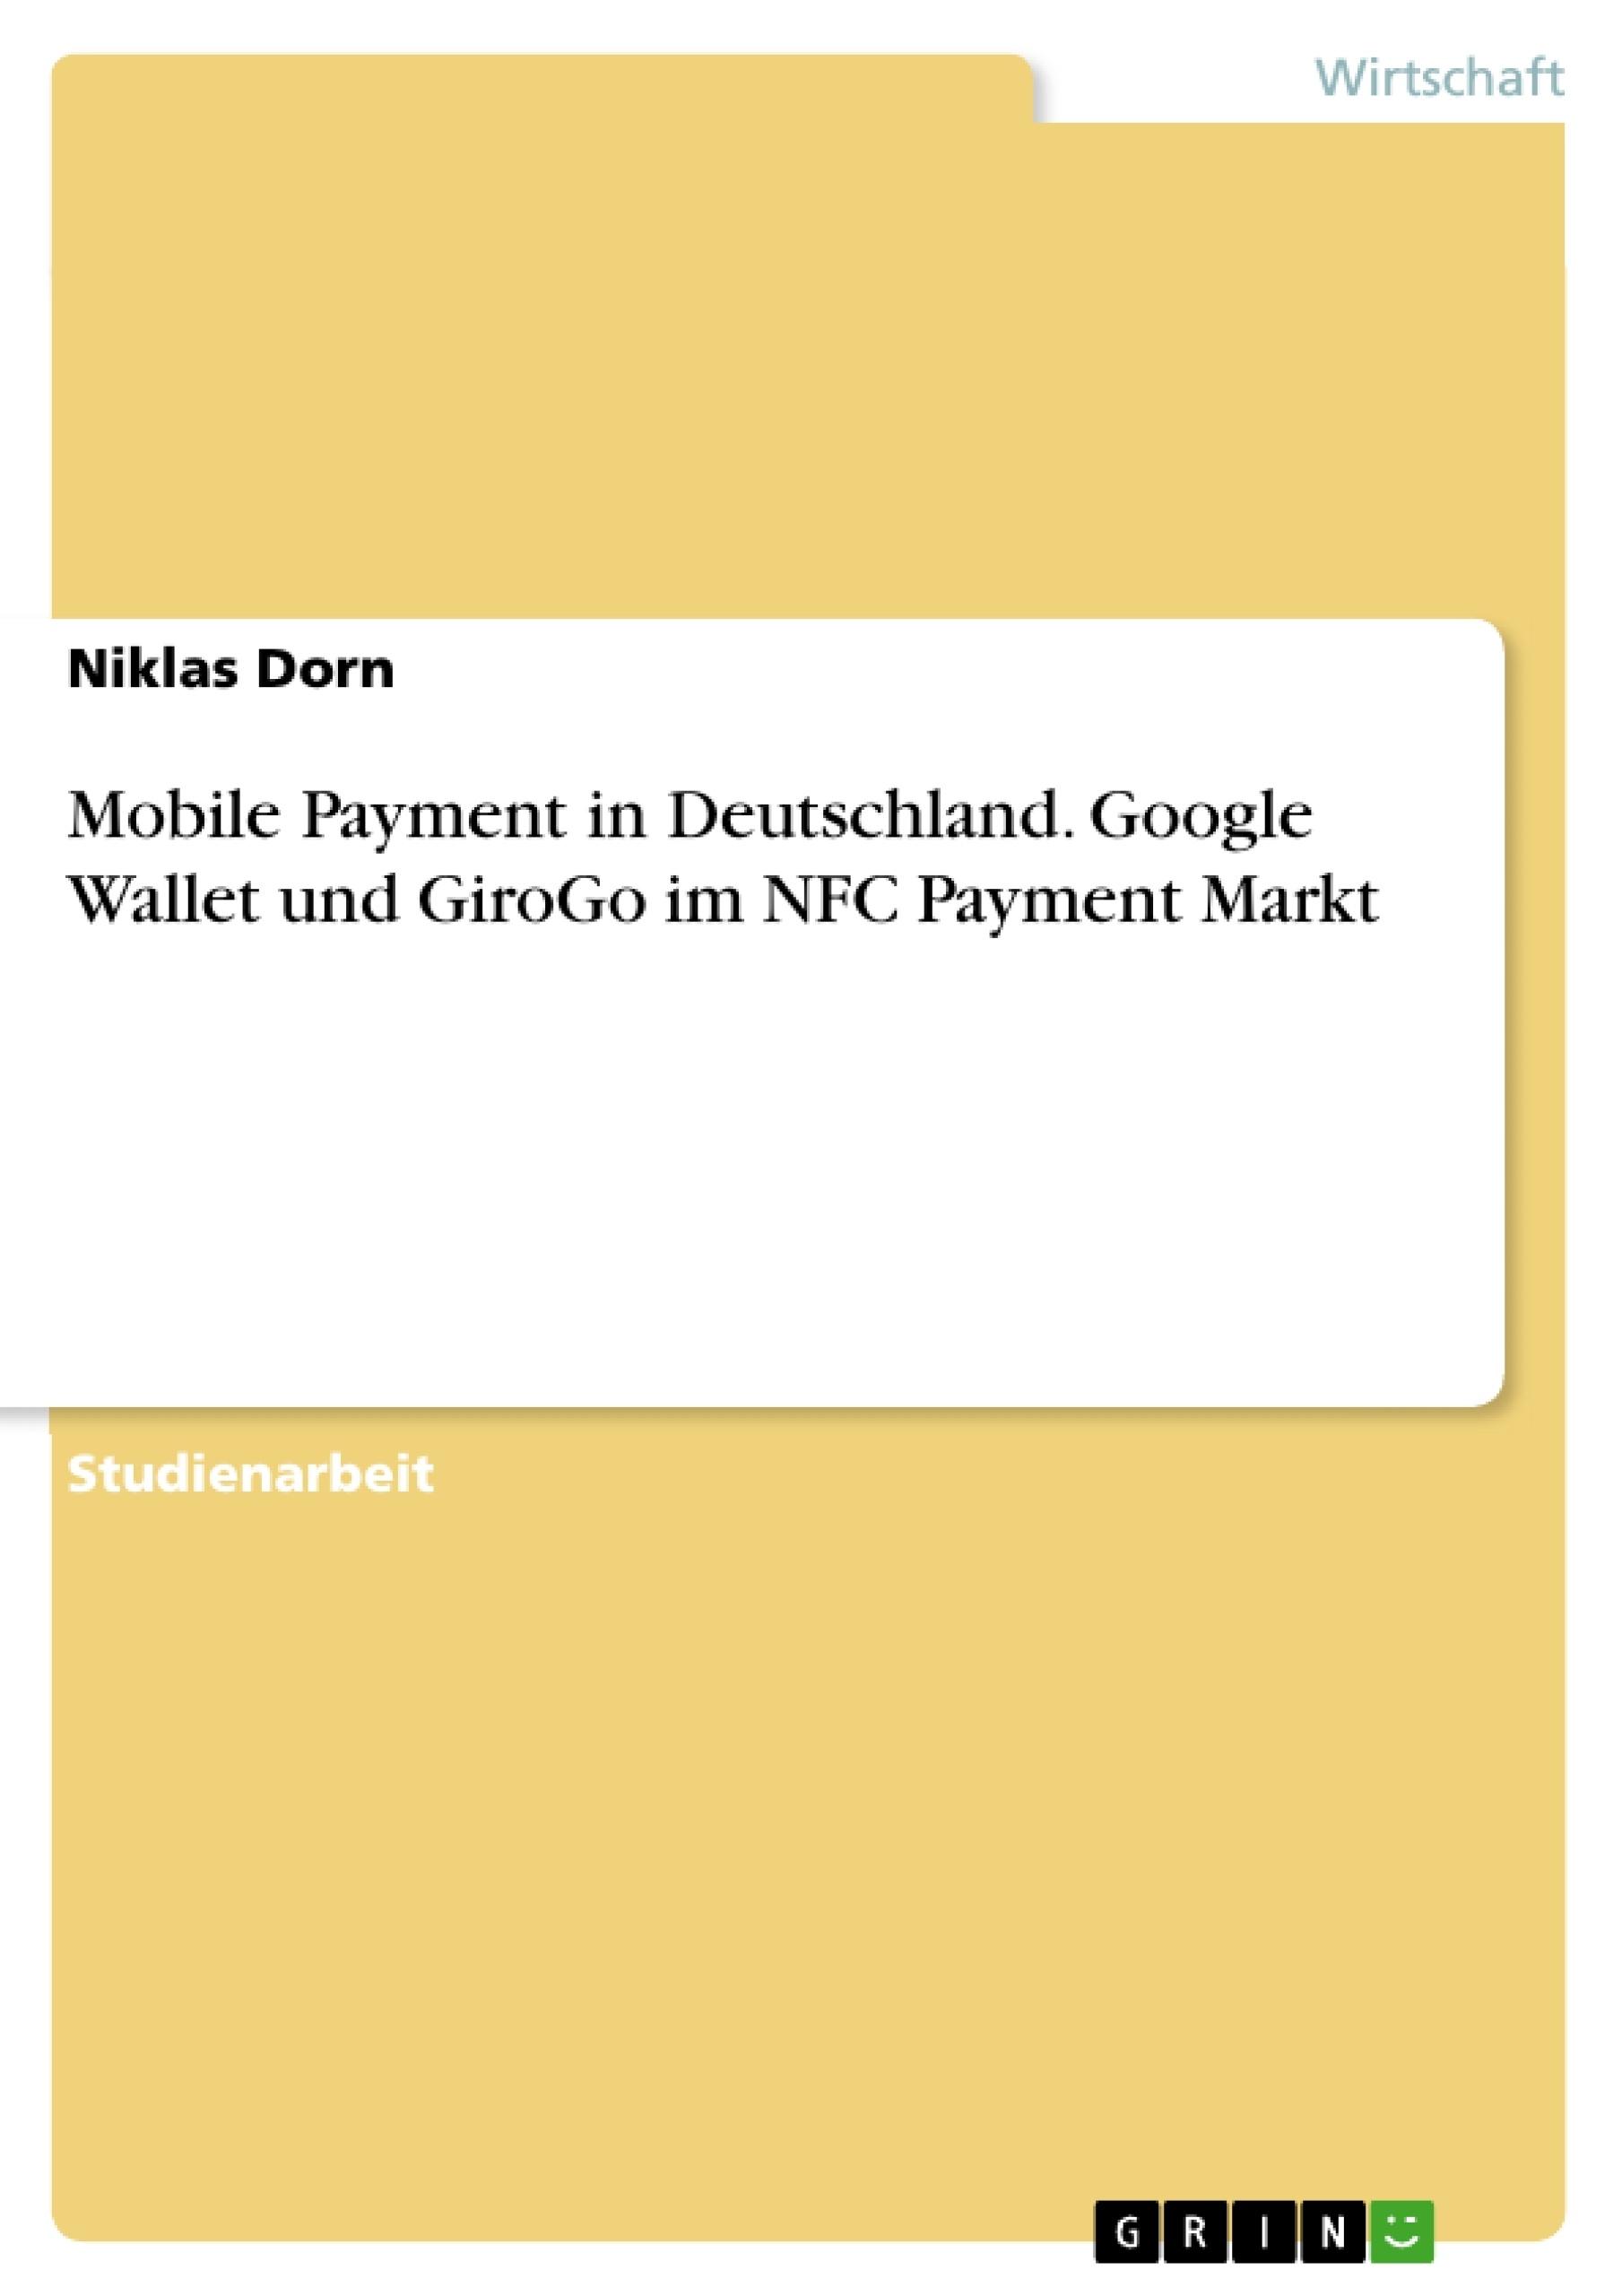 Titel: Mobile Payment in Deutschland. Google Wallet und GiroGo im NFC Payment Markt